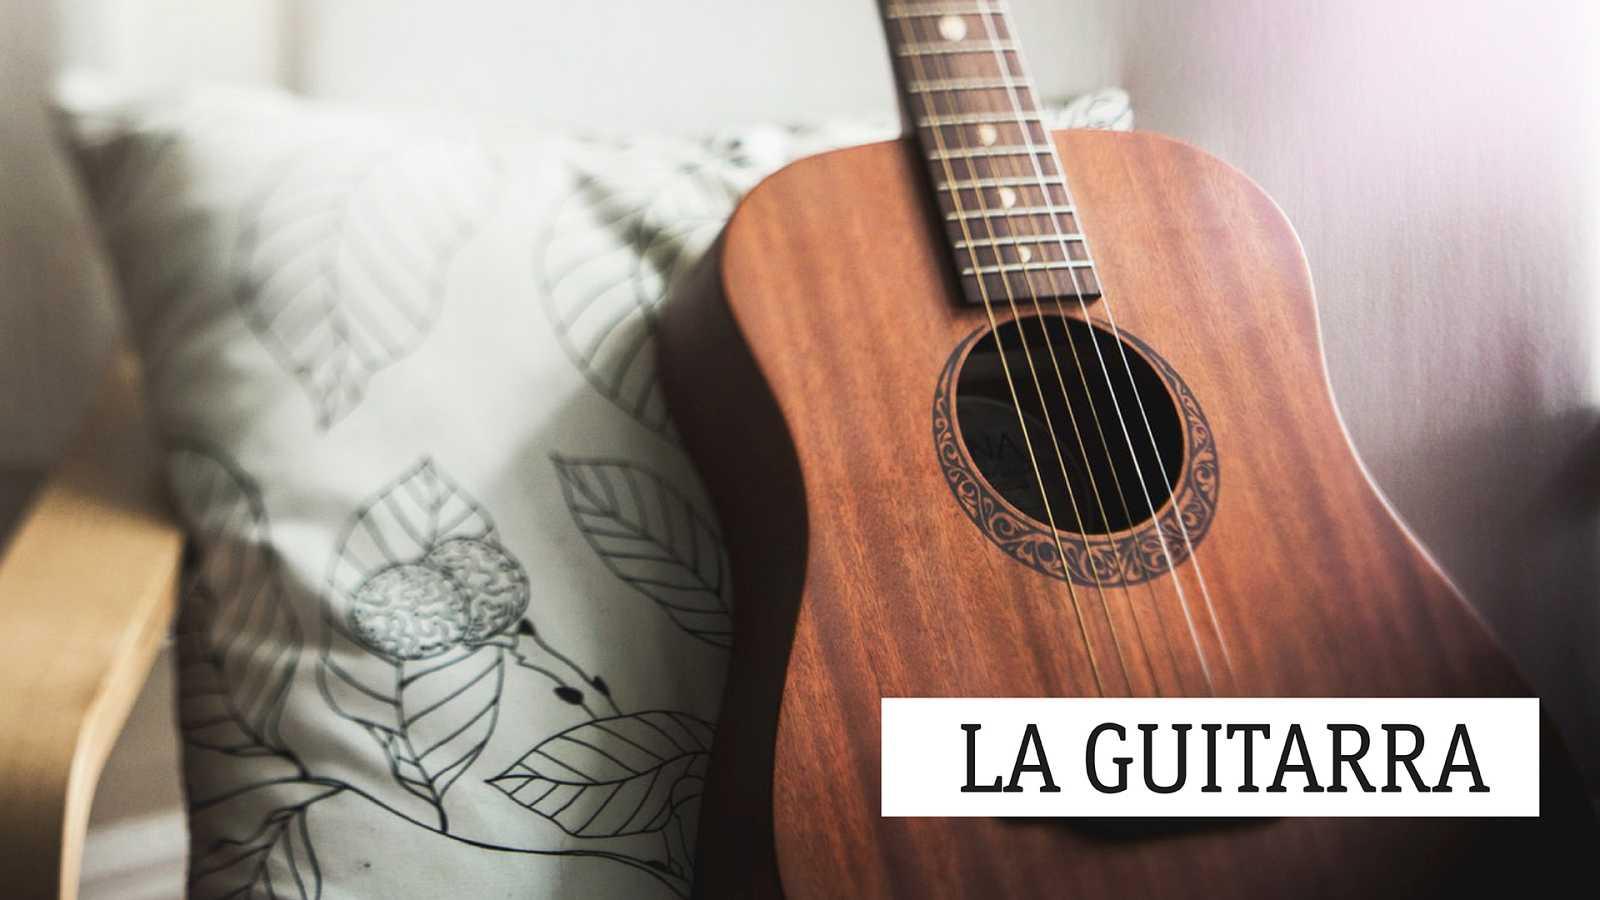 La guitarra - Alexander-Sergei Ramírez - 21/03/21 - escuchar ahora